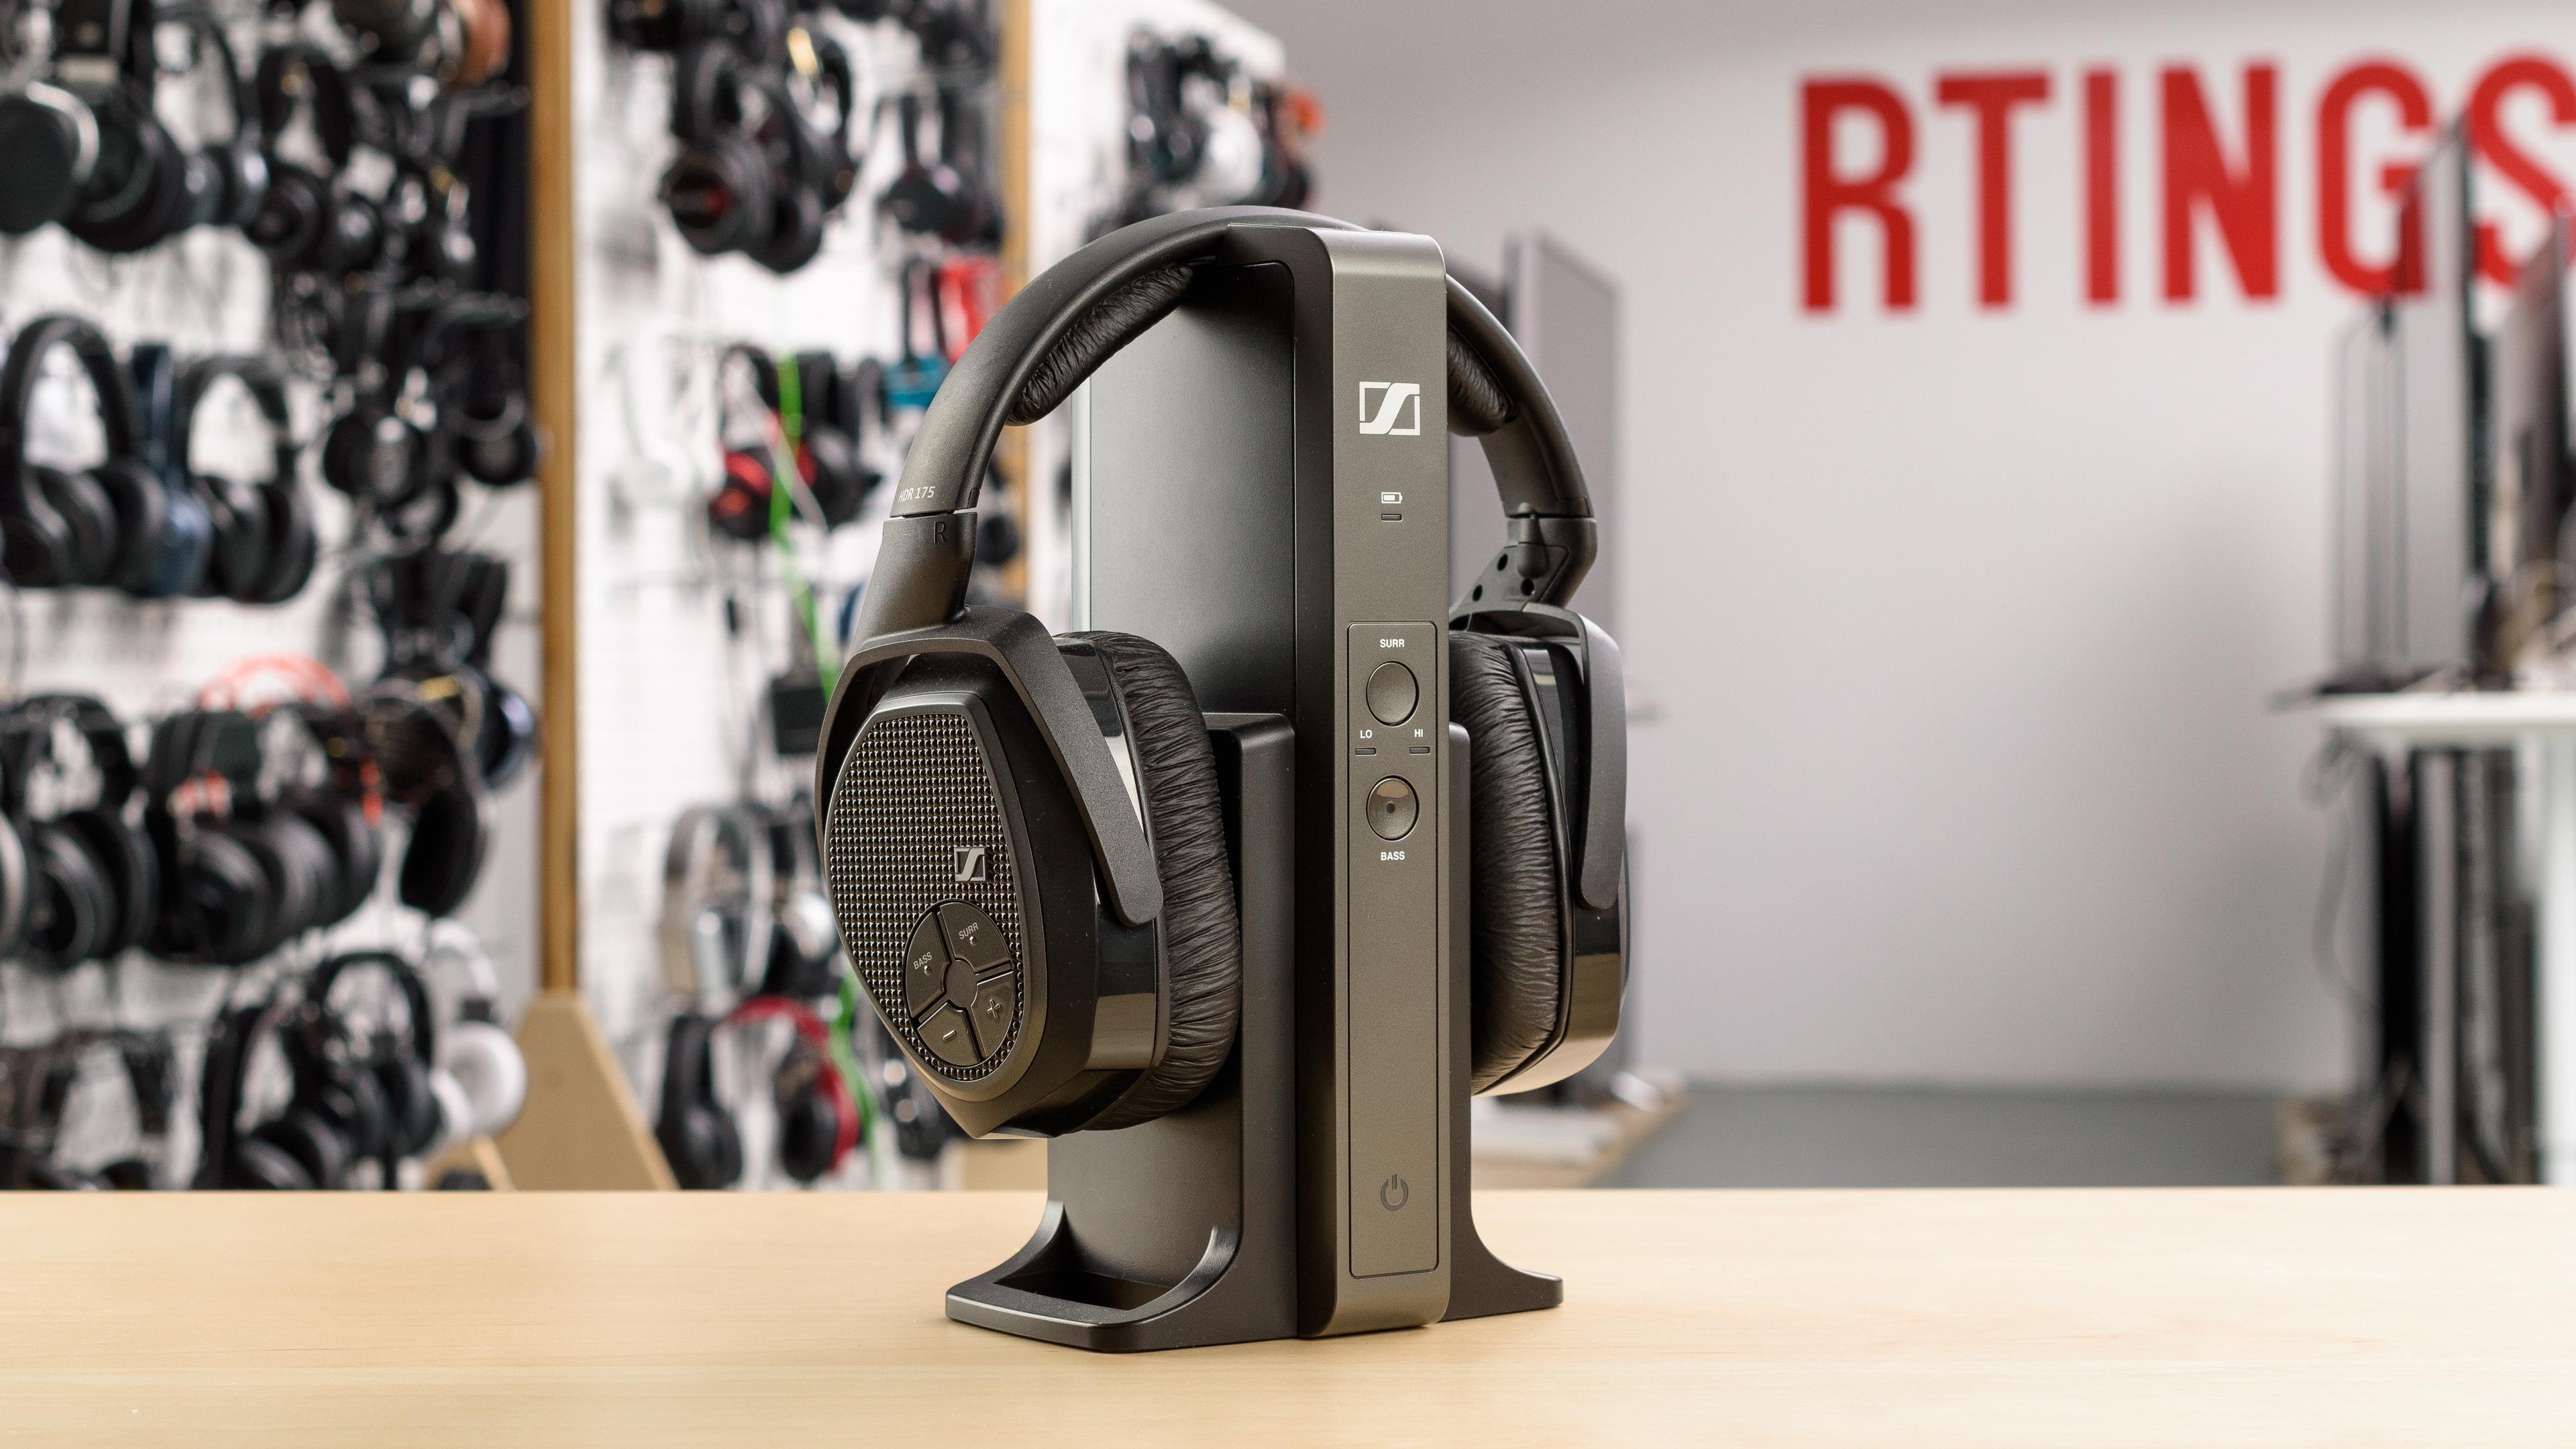 40bccd45055 Sennheiser RS 175 RF Wireless Review - RTINGS.com